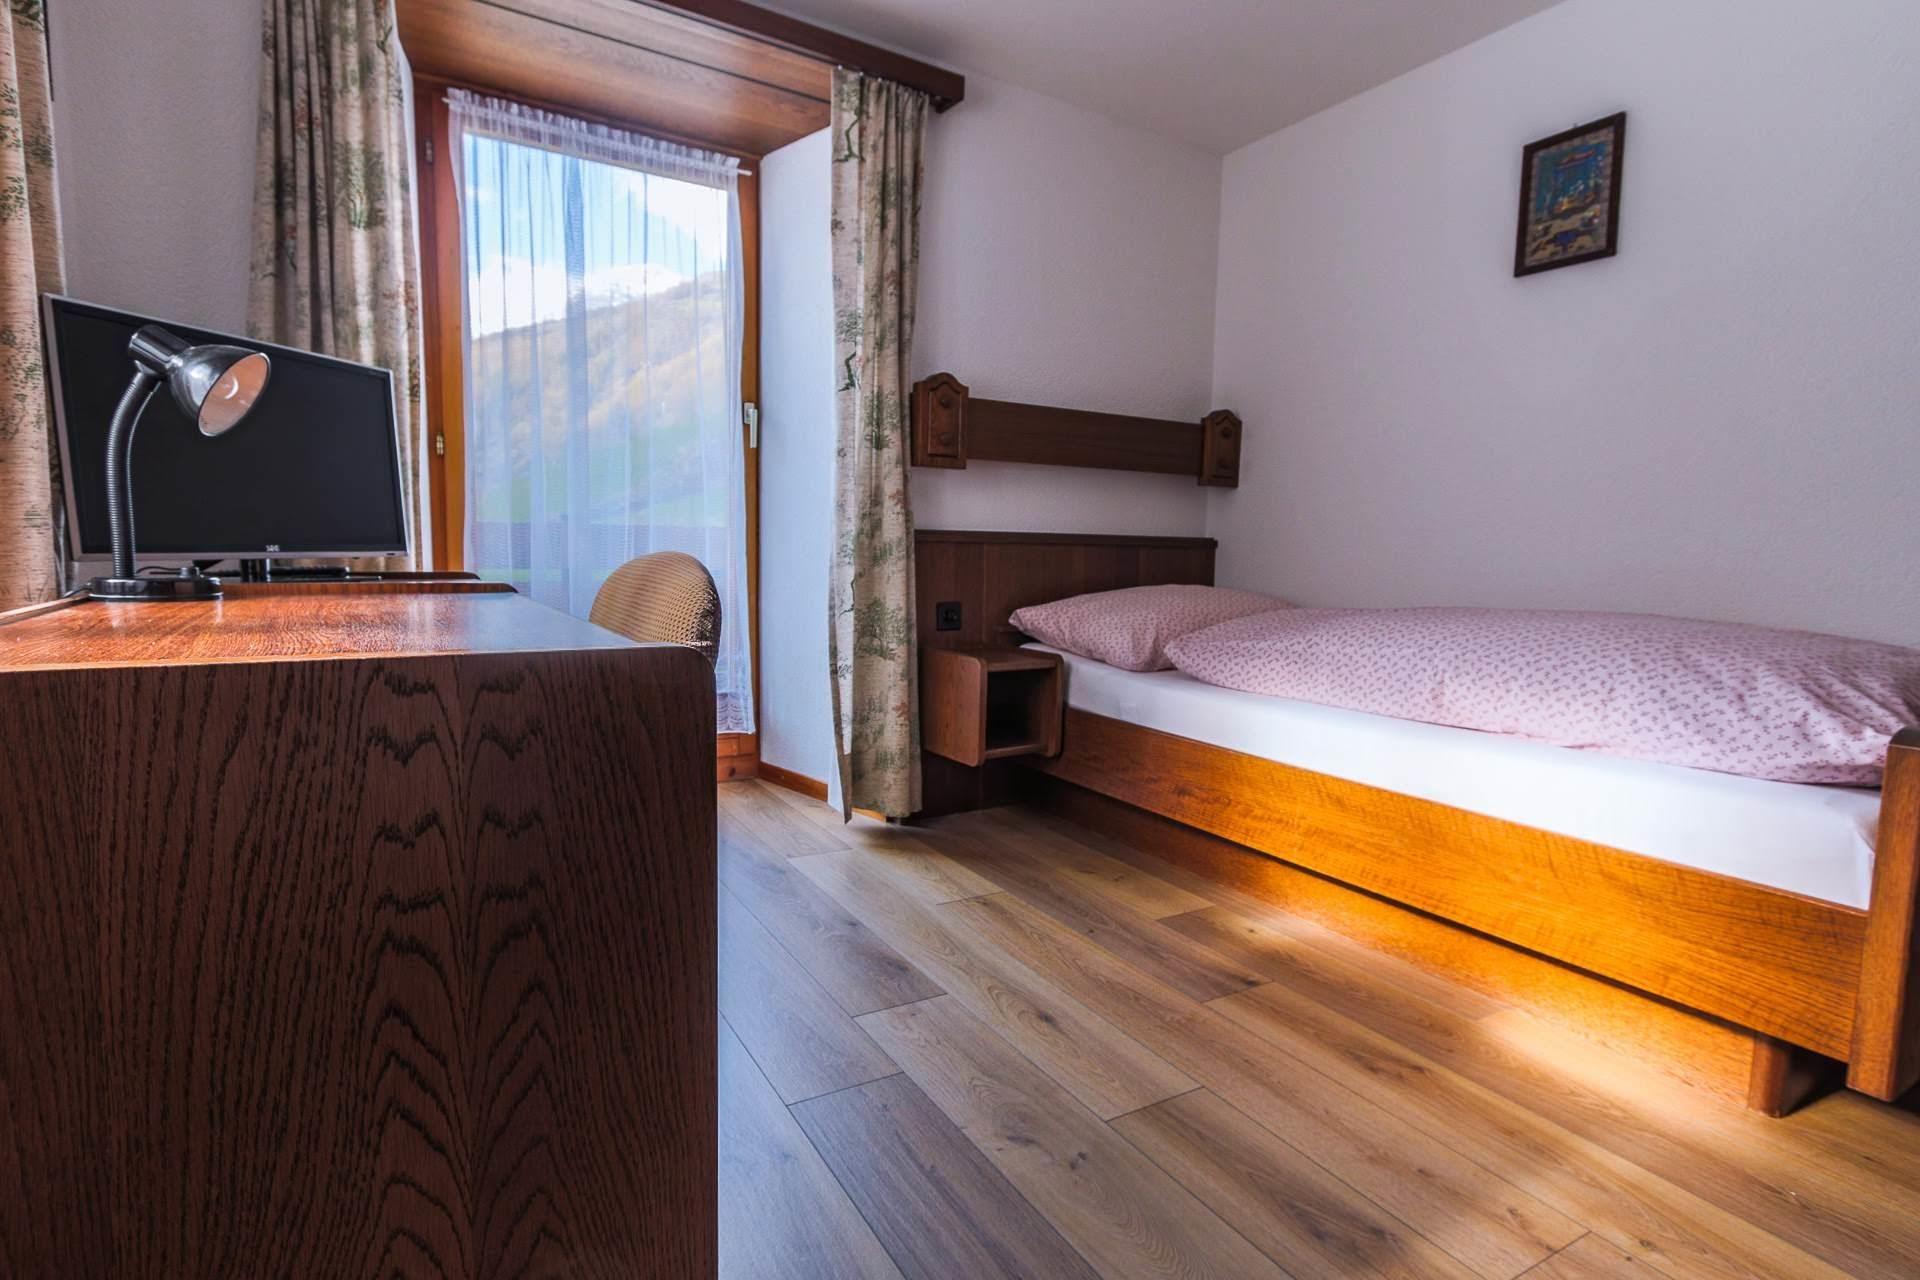 room 15 - Allalin - Monte Rosa